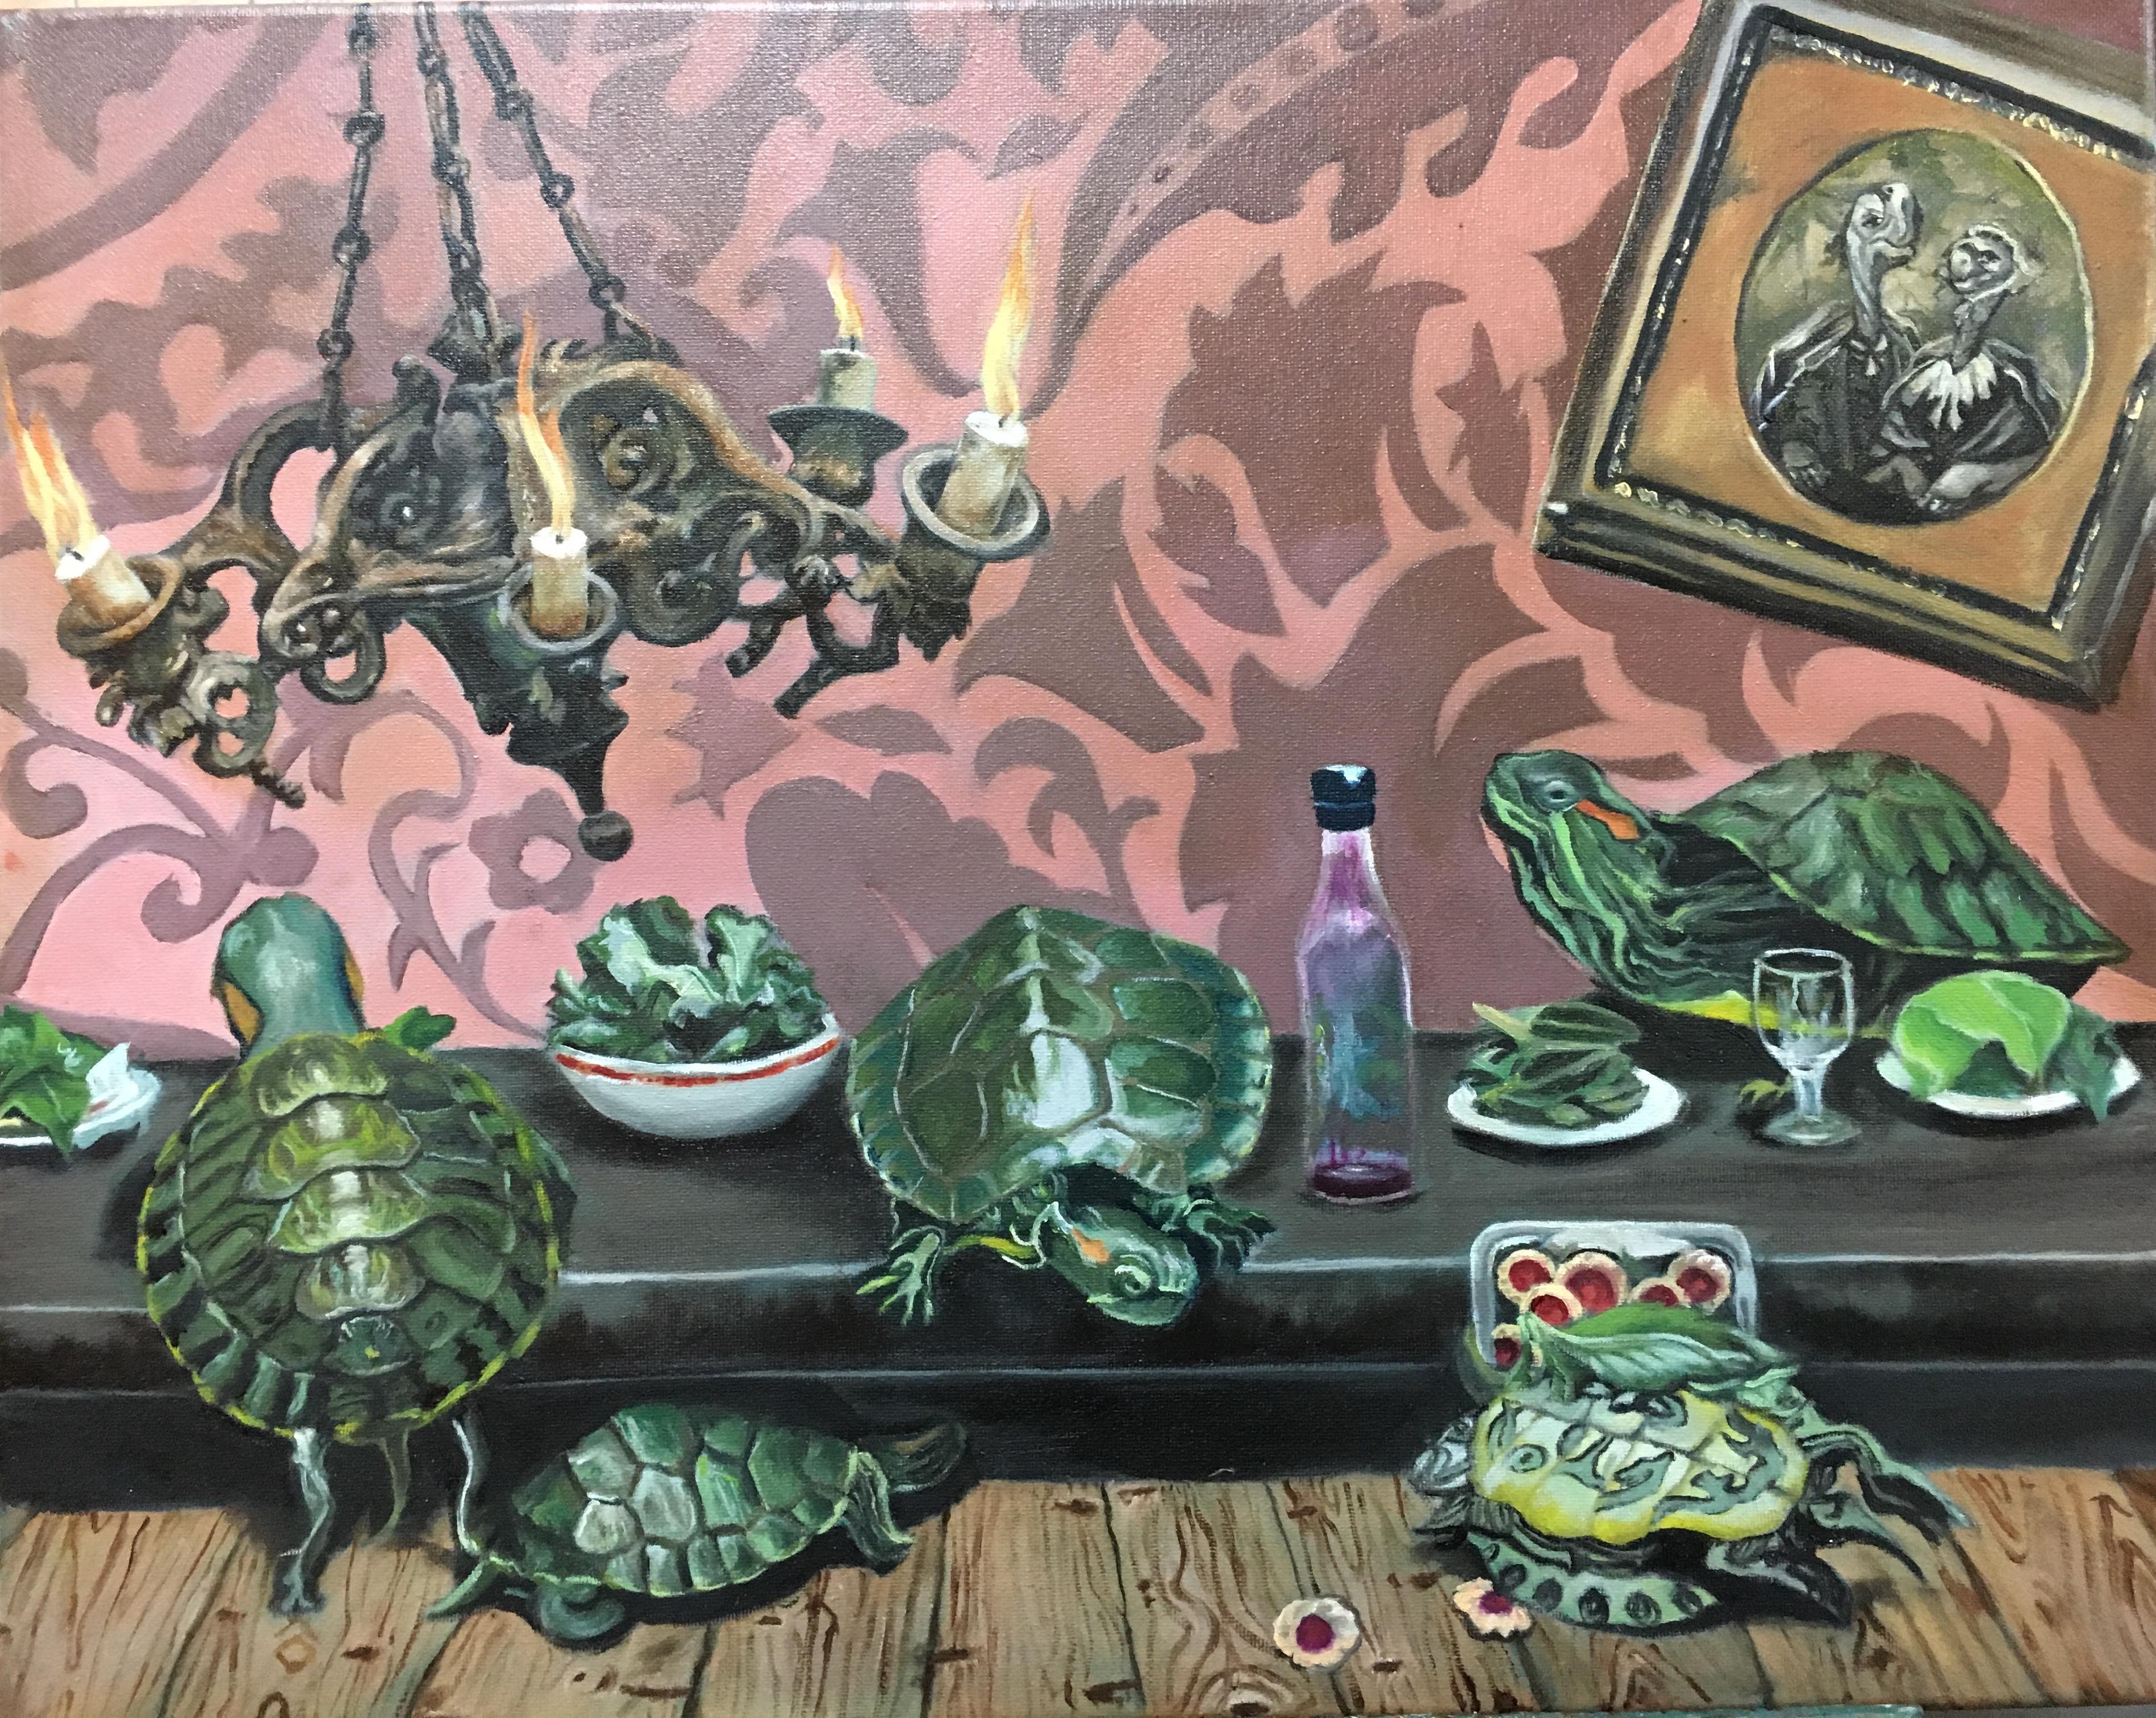 Leslie Lee - Original Oil Painting on Canvas